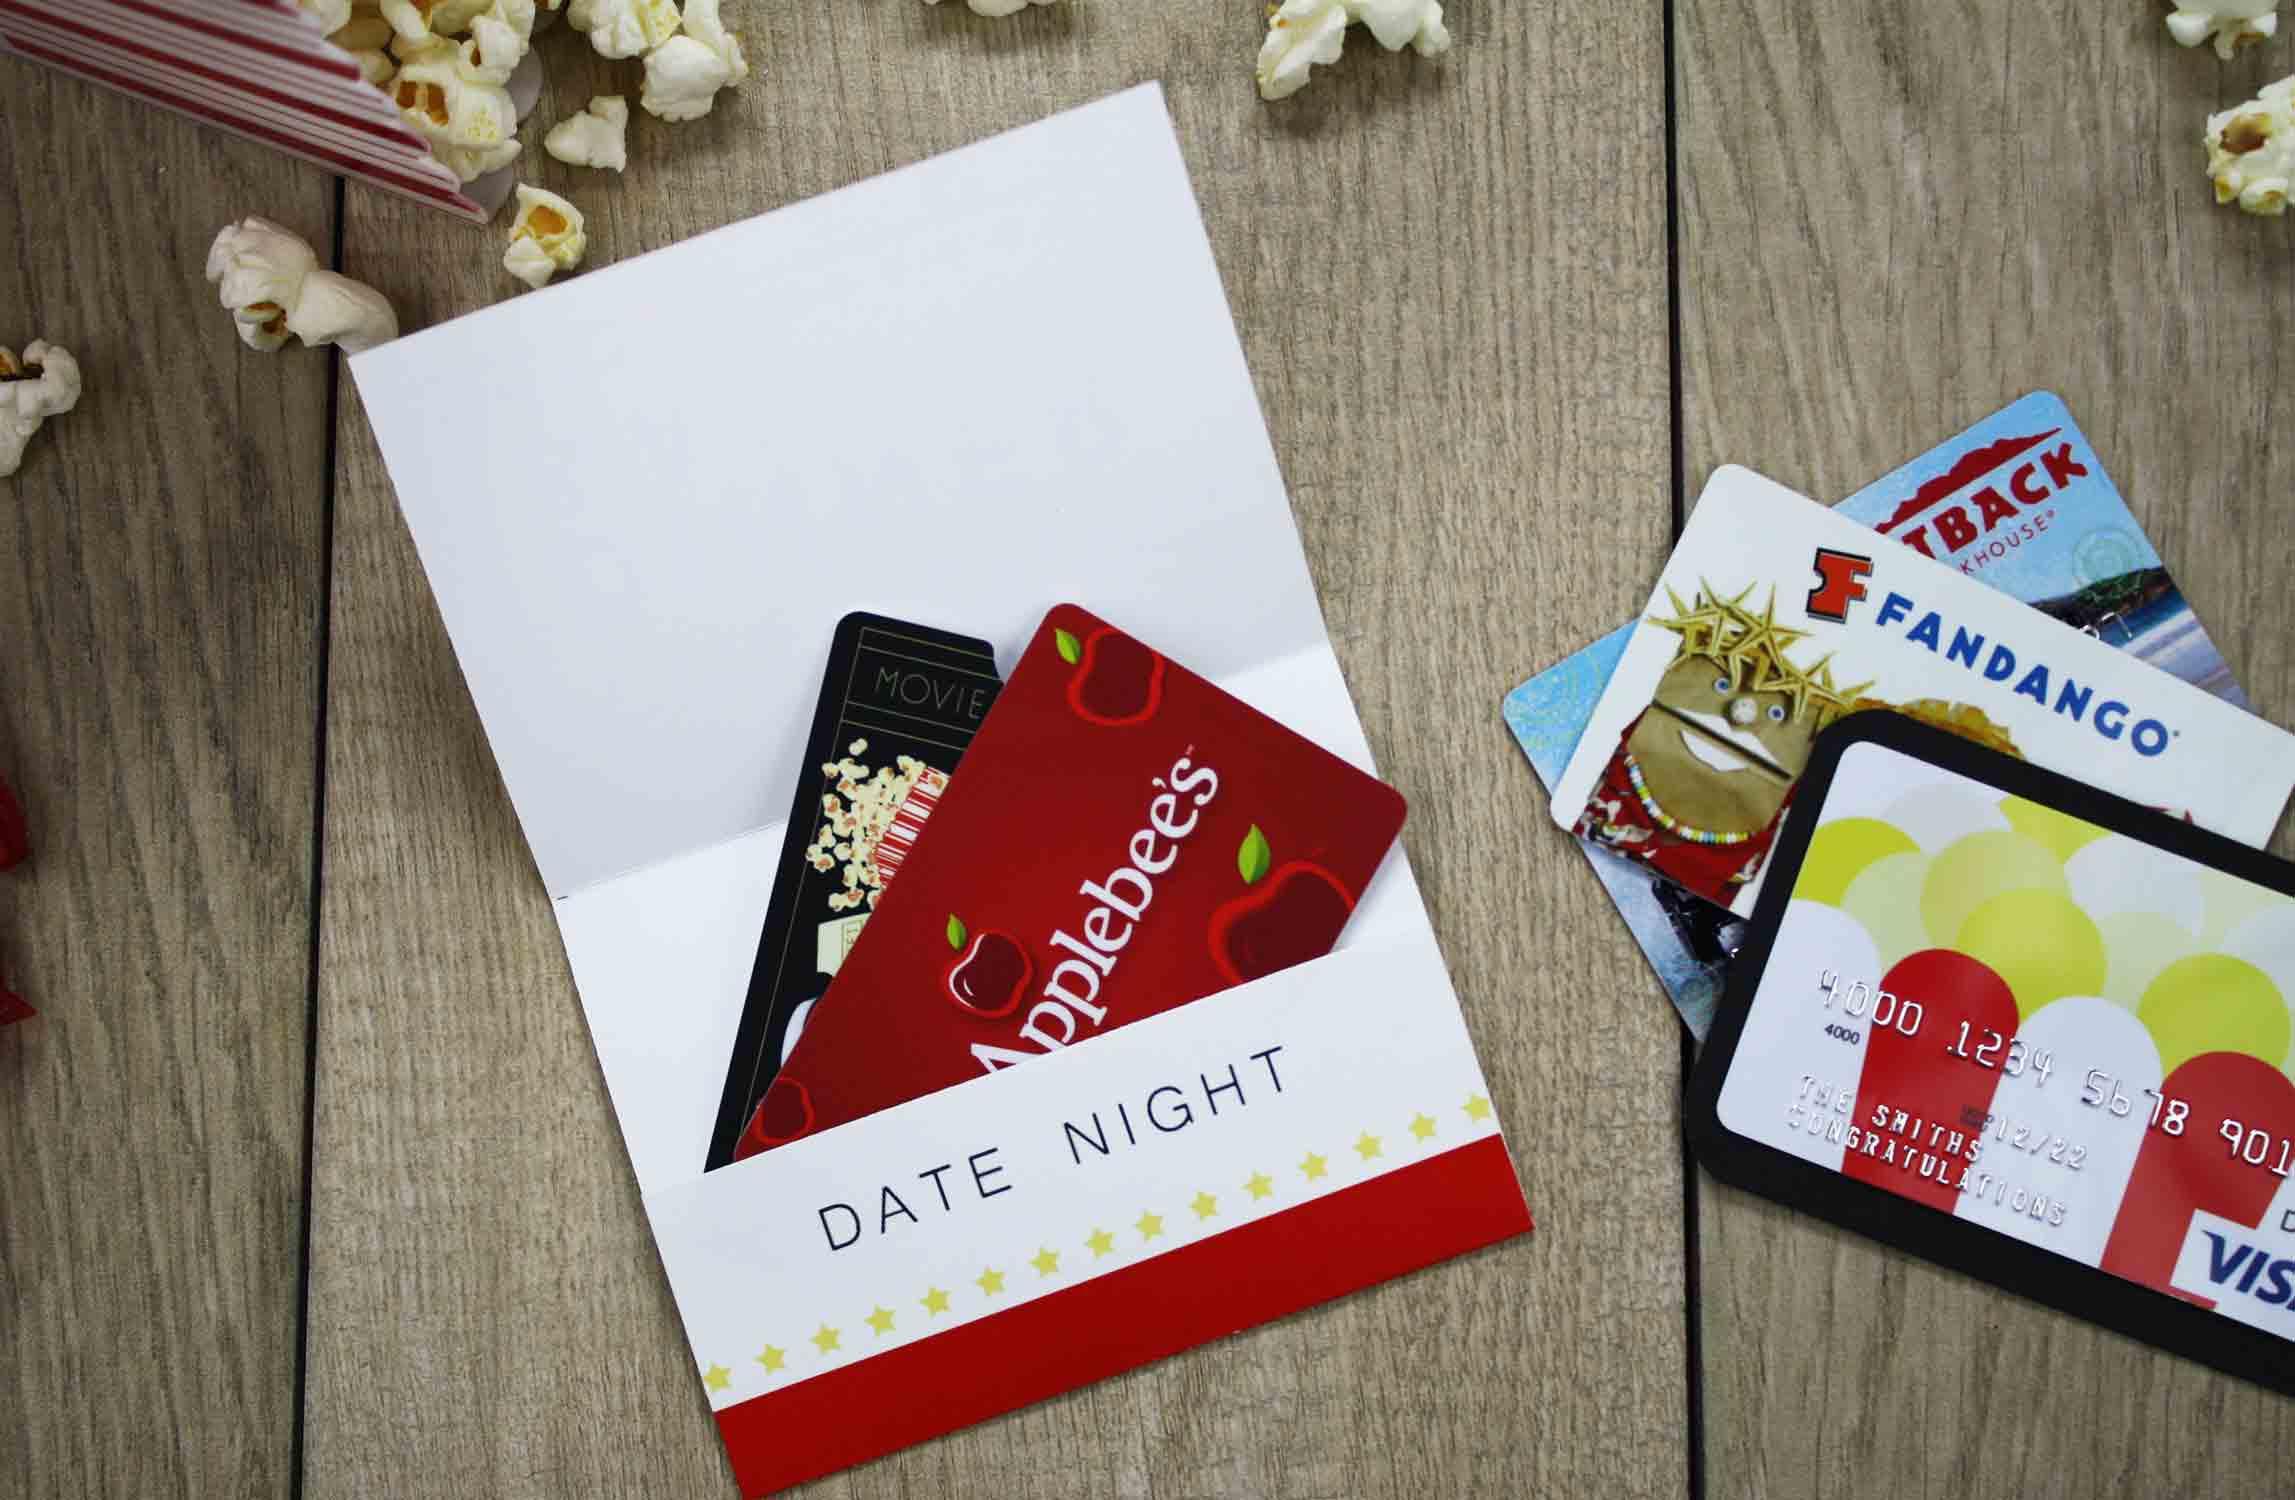 Originelles Hochzeitsgeschenk - Kinogutschein basteln oder Konzertkarten verpacken